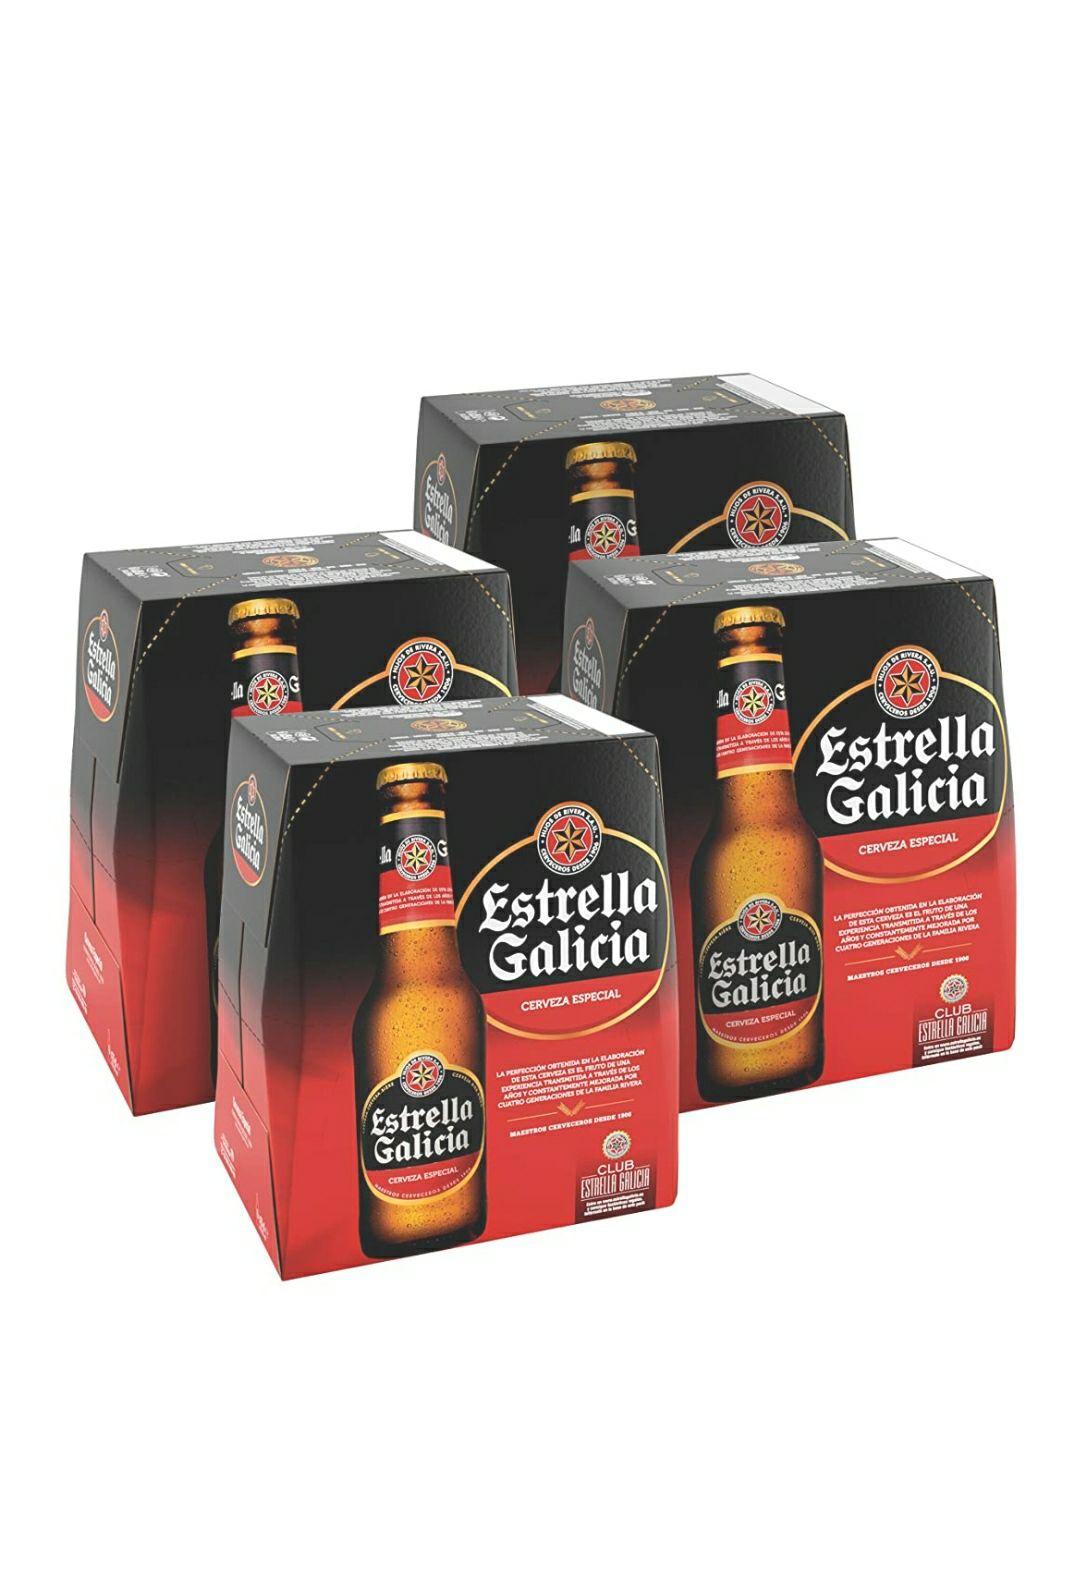 Ahorra 21% al comprar 20 € de productos seleccionados Estrella Galicia Especial 4 packs x 6 unidades 25cl Cerveza Estrella Galicia